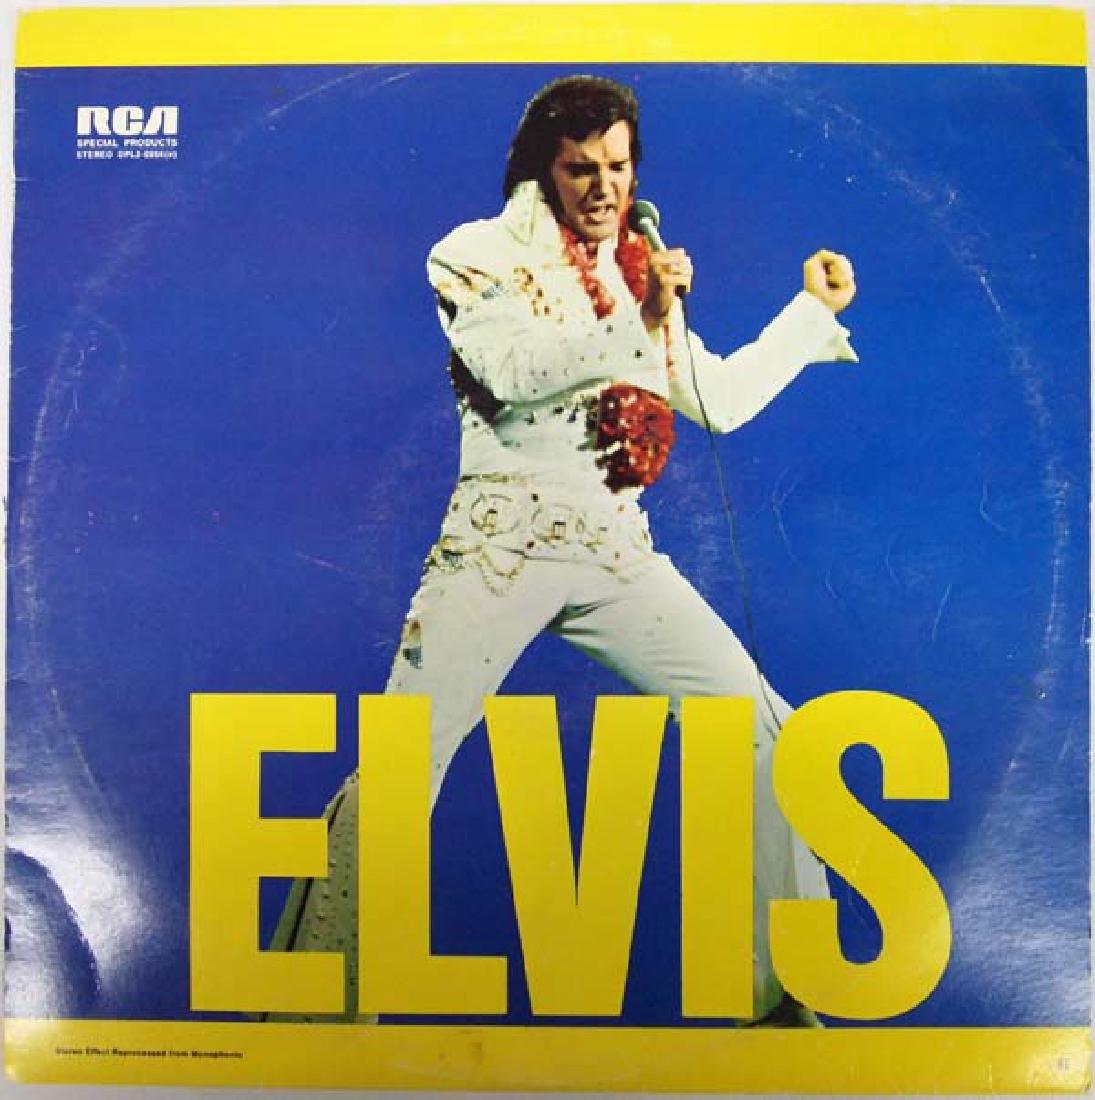 1973 RCA Elvis 33 RPM Vinyl Record Album